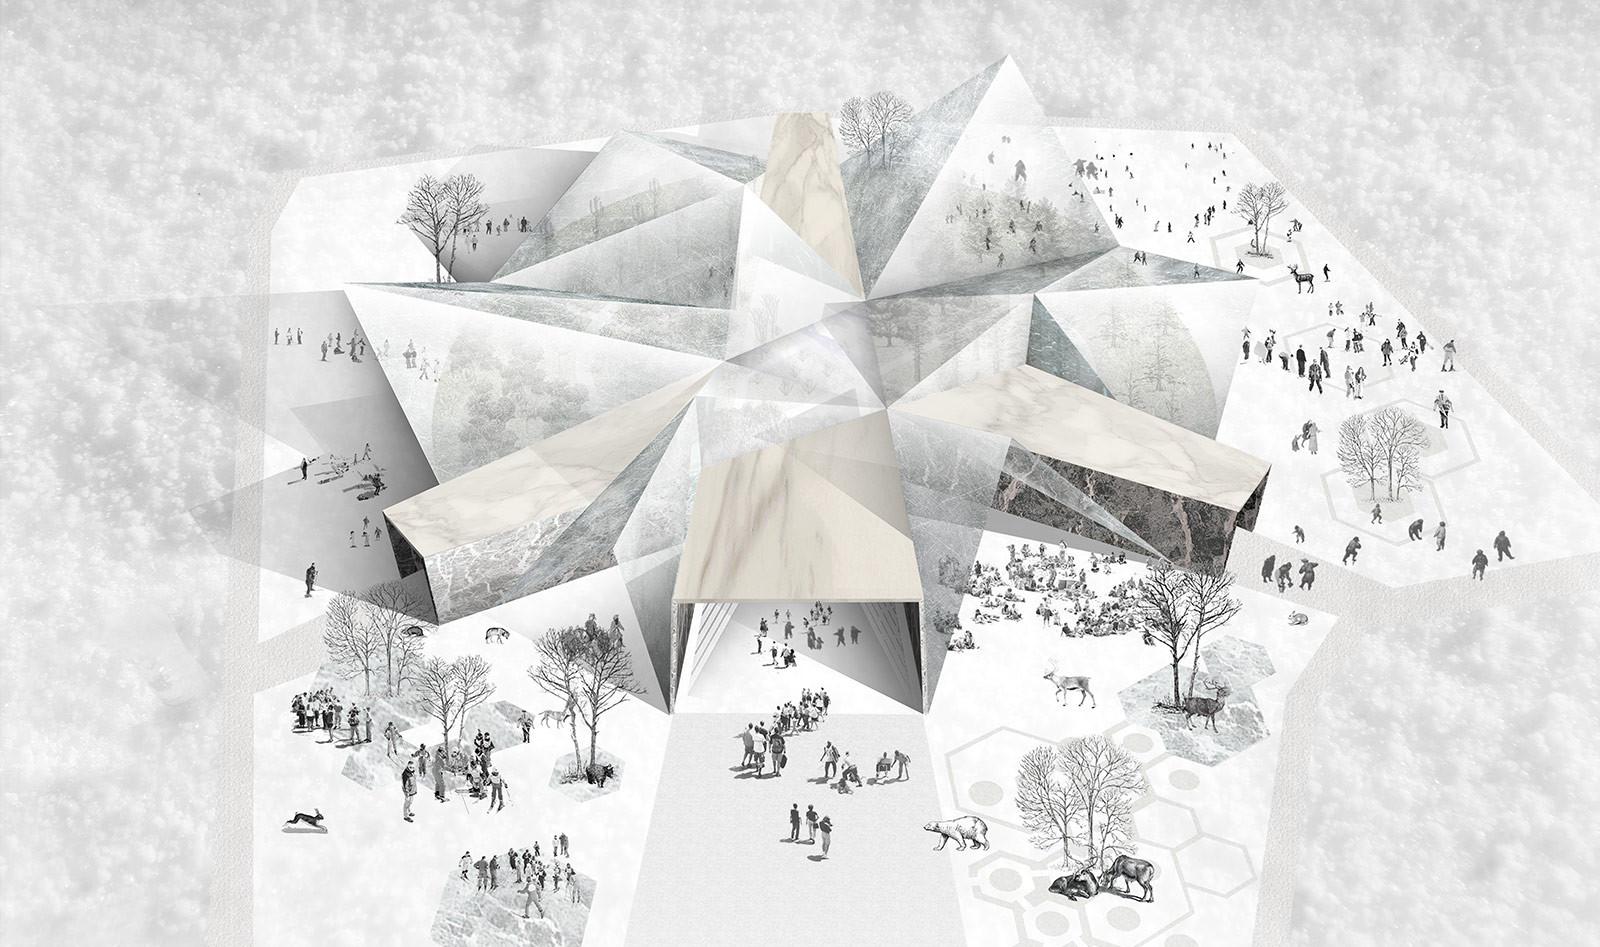 """Mención honrosa: """"Santa Claus jardín planetario"""", El Hadi Jazairy, Chen Lu y Kelly Koh, Estados Unidos. Imágen cortesía de Unbelievable Challenge"""